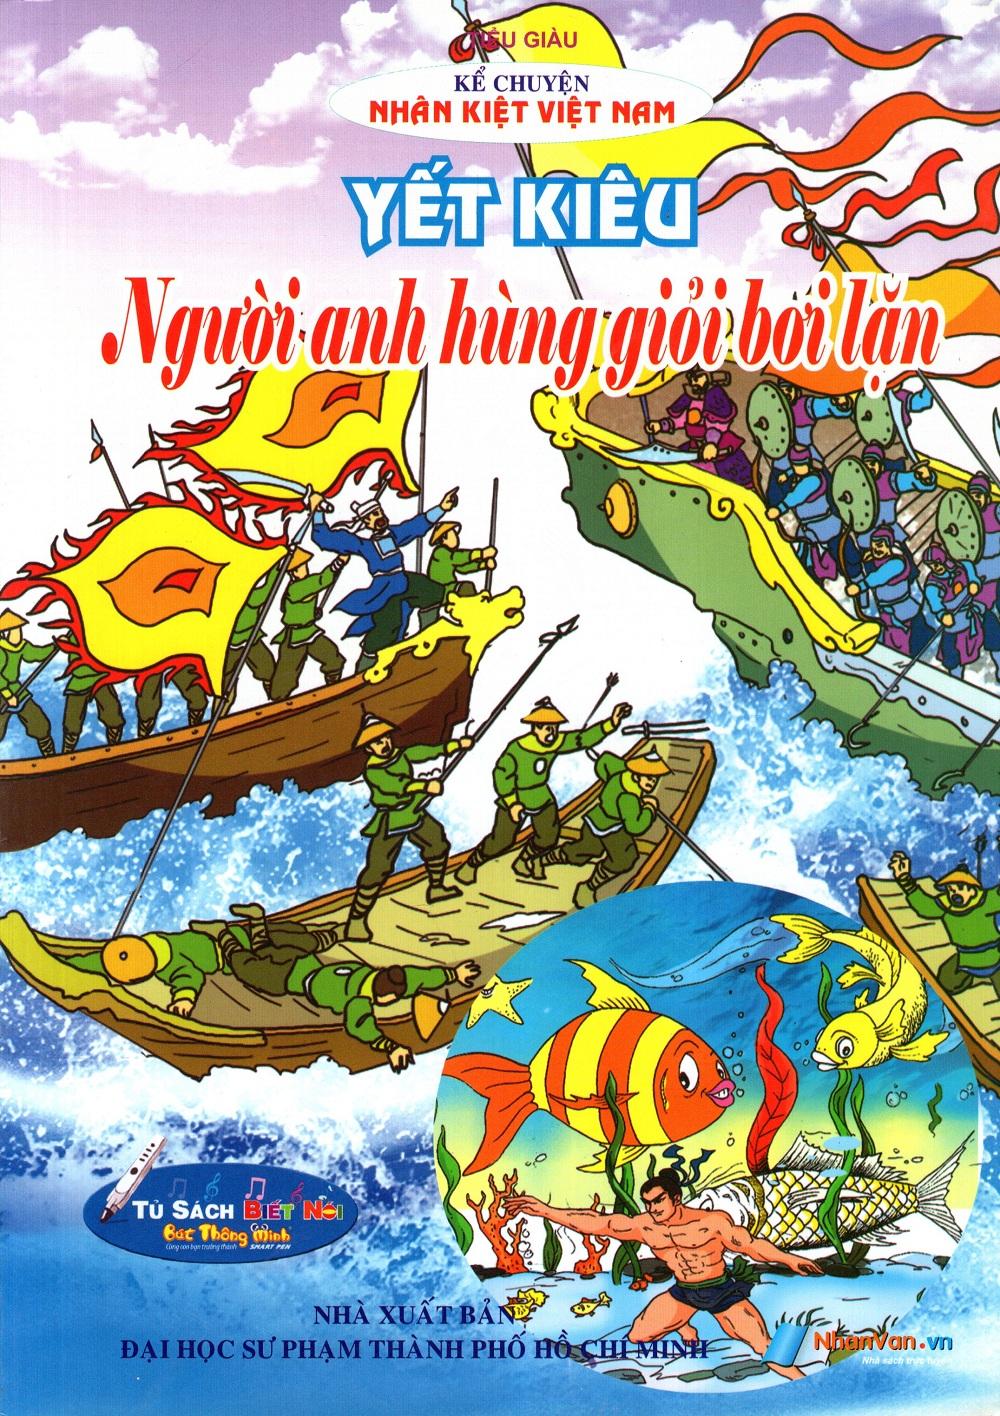 Bìa sách Kể Chuyện Danh Nhân Lịch Sử: Yết Kiêu - Người Anh Hùng Giỏi Bơi Lặn